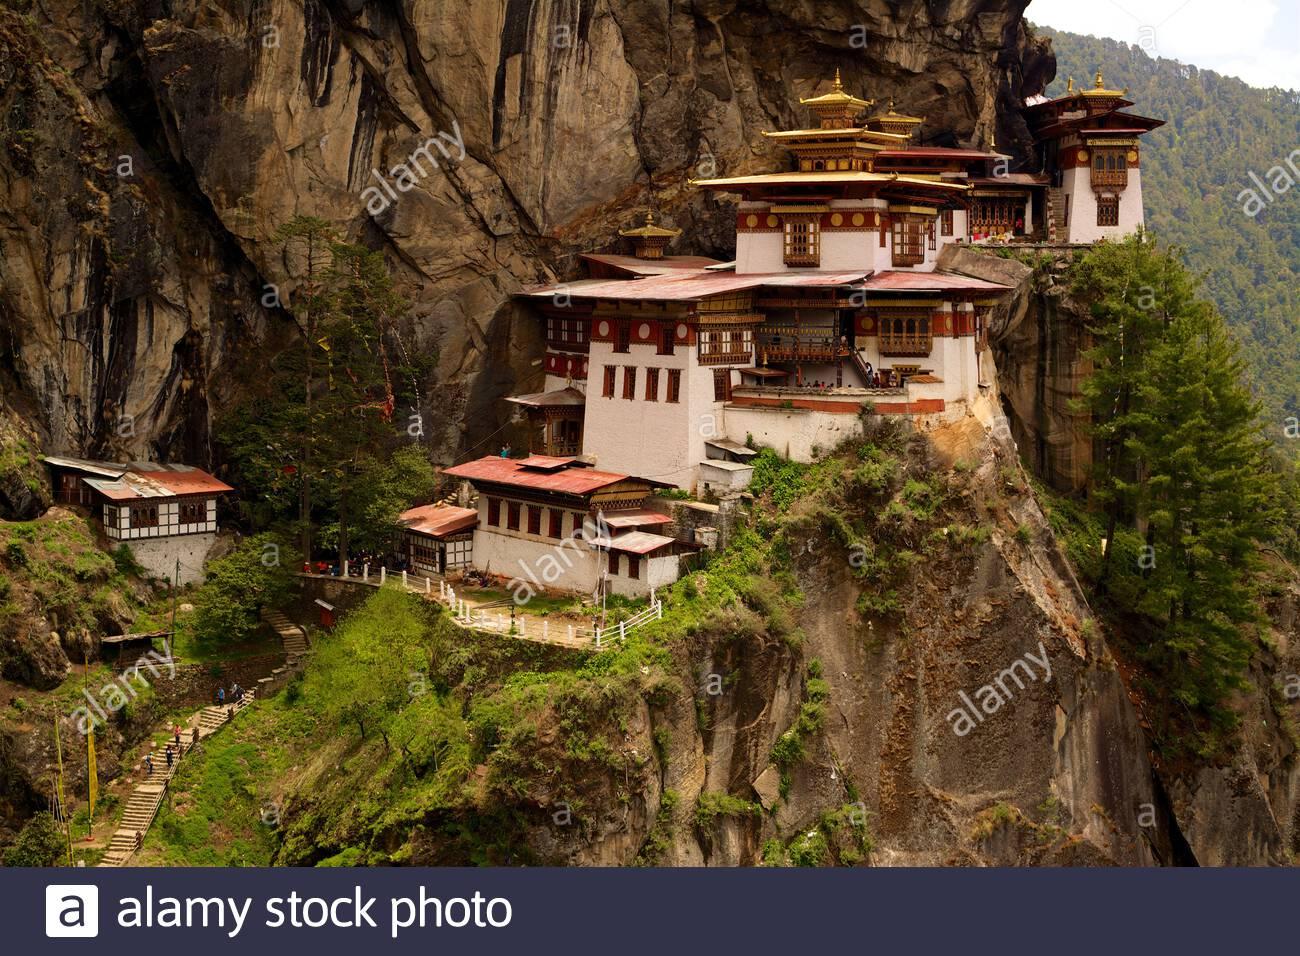 Le monastère de Taktsang, également connu sous le nom de Taktsang Lhakhang, le Nid de tigre et le Paro Taktsang, situé sur une falaise au-dessus de la vallée de Paro au Bhoutan Banque D'Images